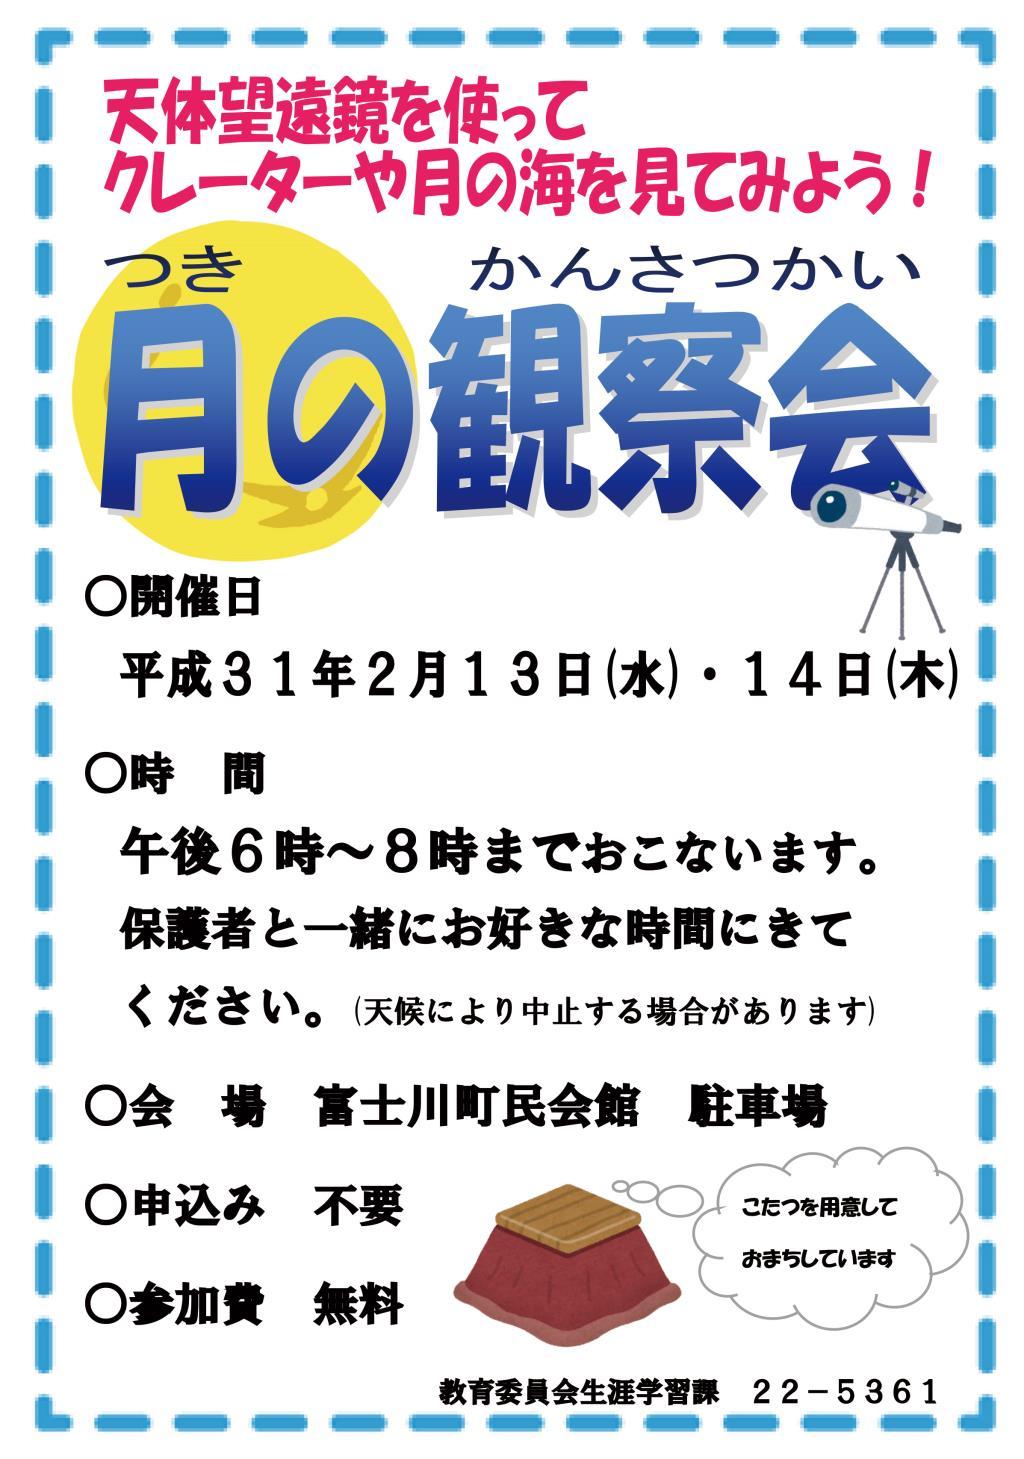 月の観察会 富士川町 イベント 1